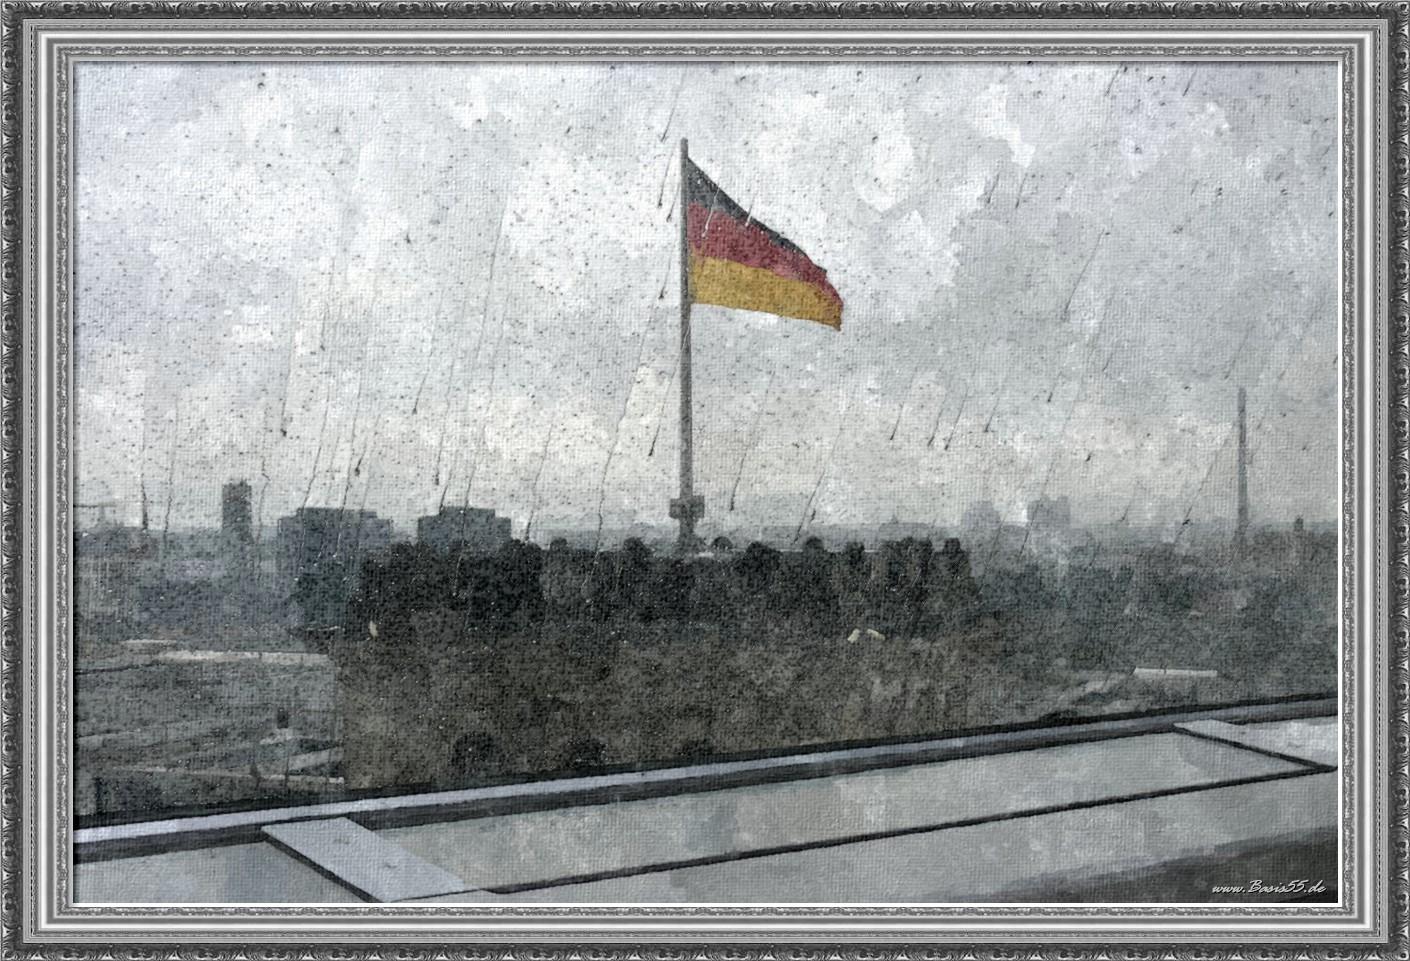 Fahne Reichstag bei Regen